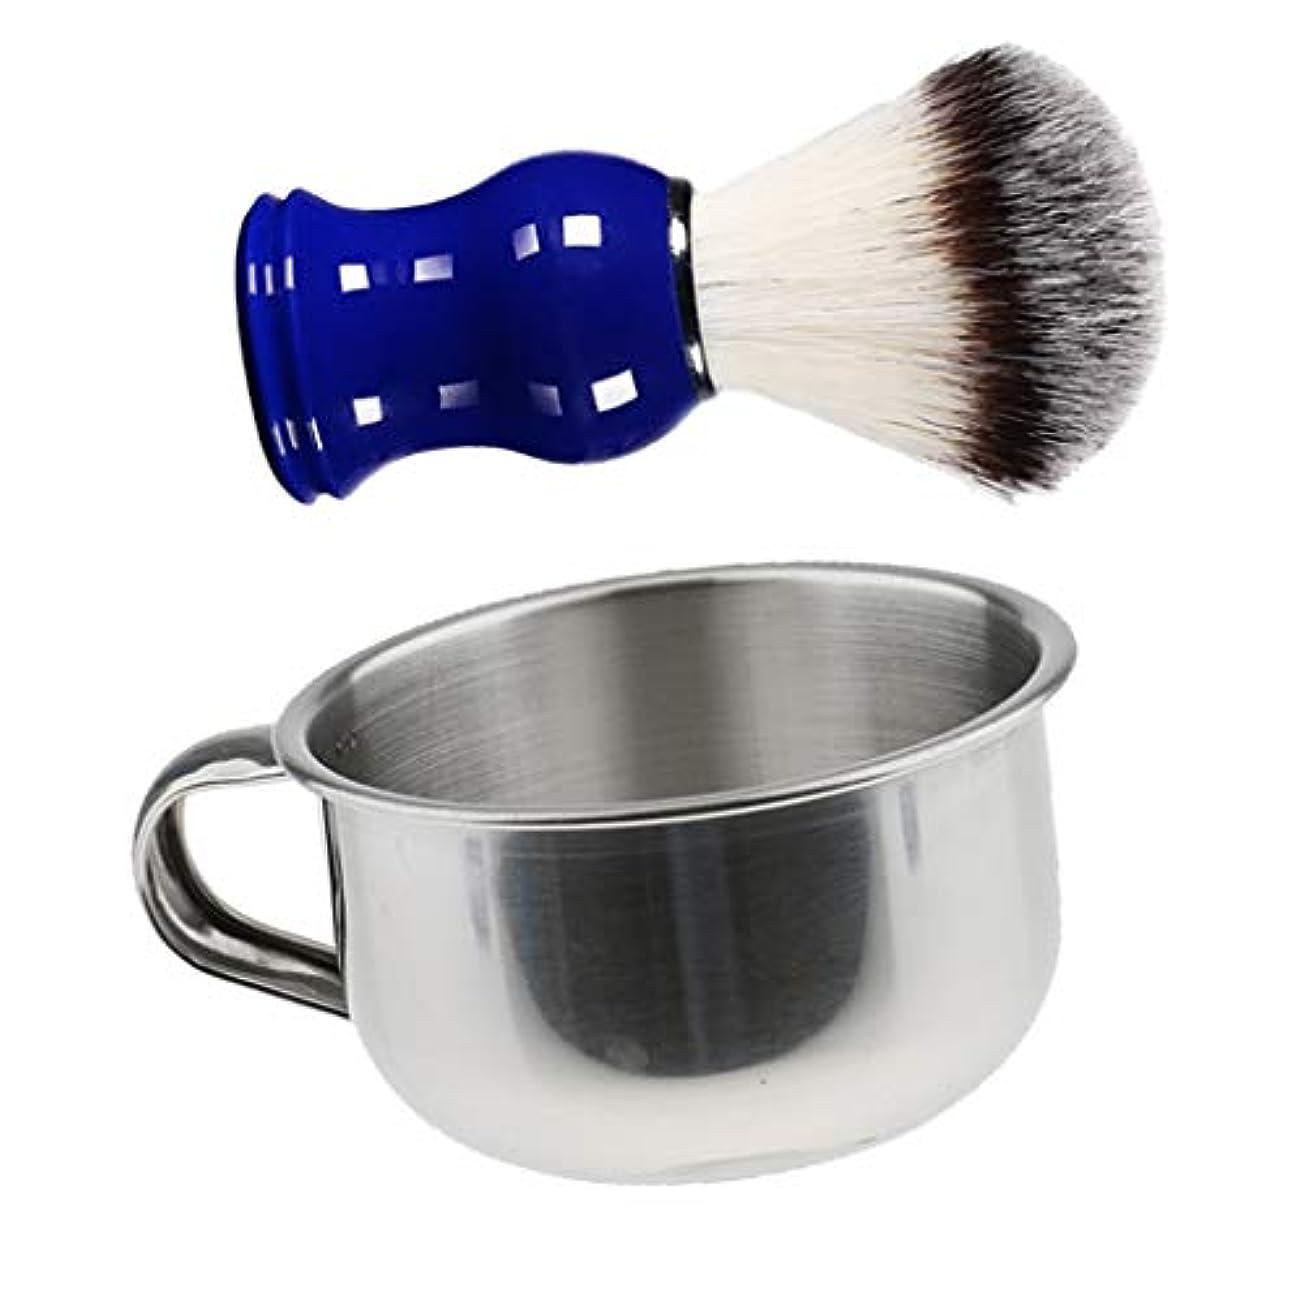 上げるバー検閲Baoblaze シェービングブラシセット ステンレス製シェービングボウル メンズ 理容 洗顔 髭剃り 泡立ち 実用的